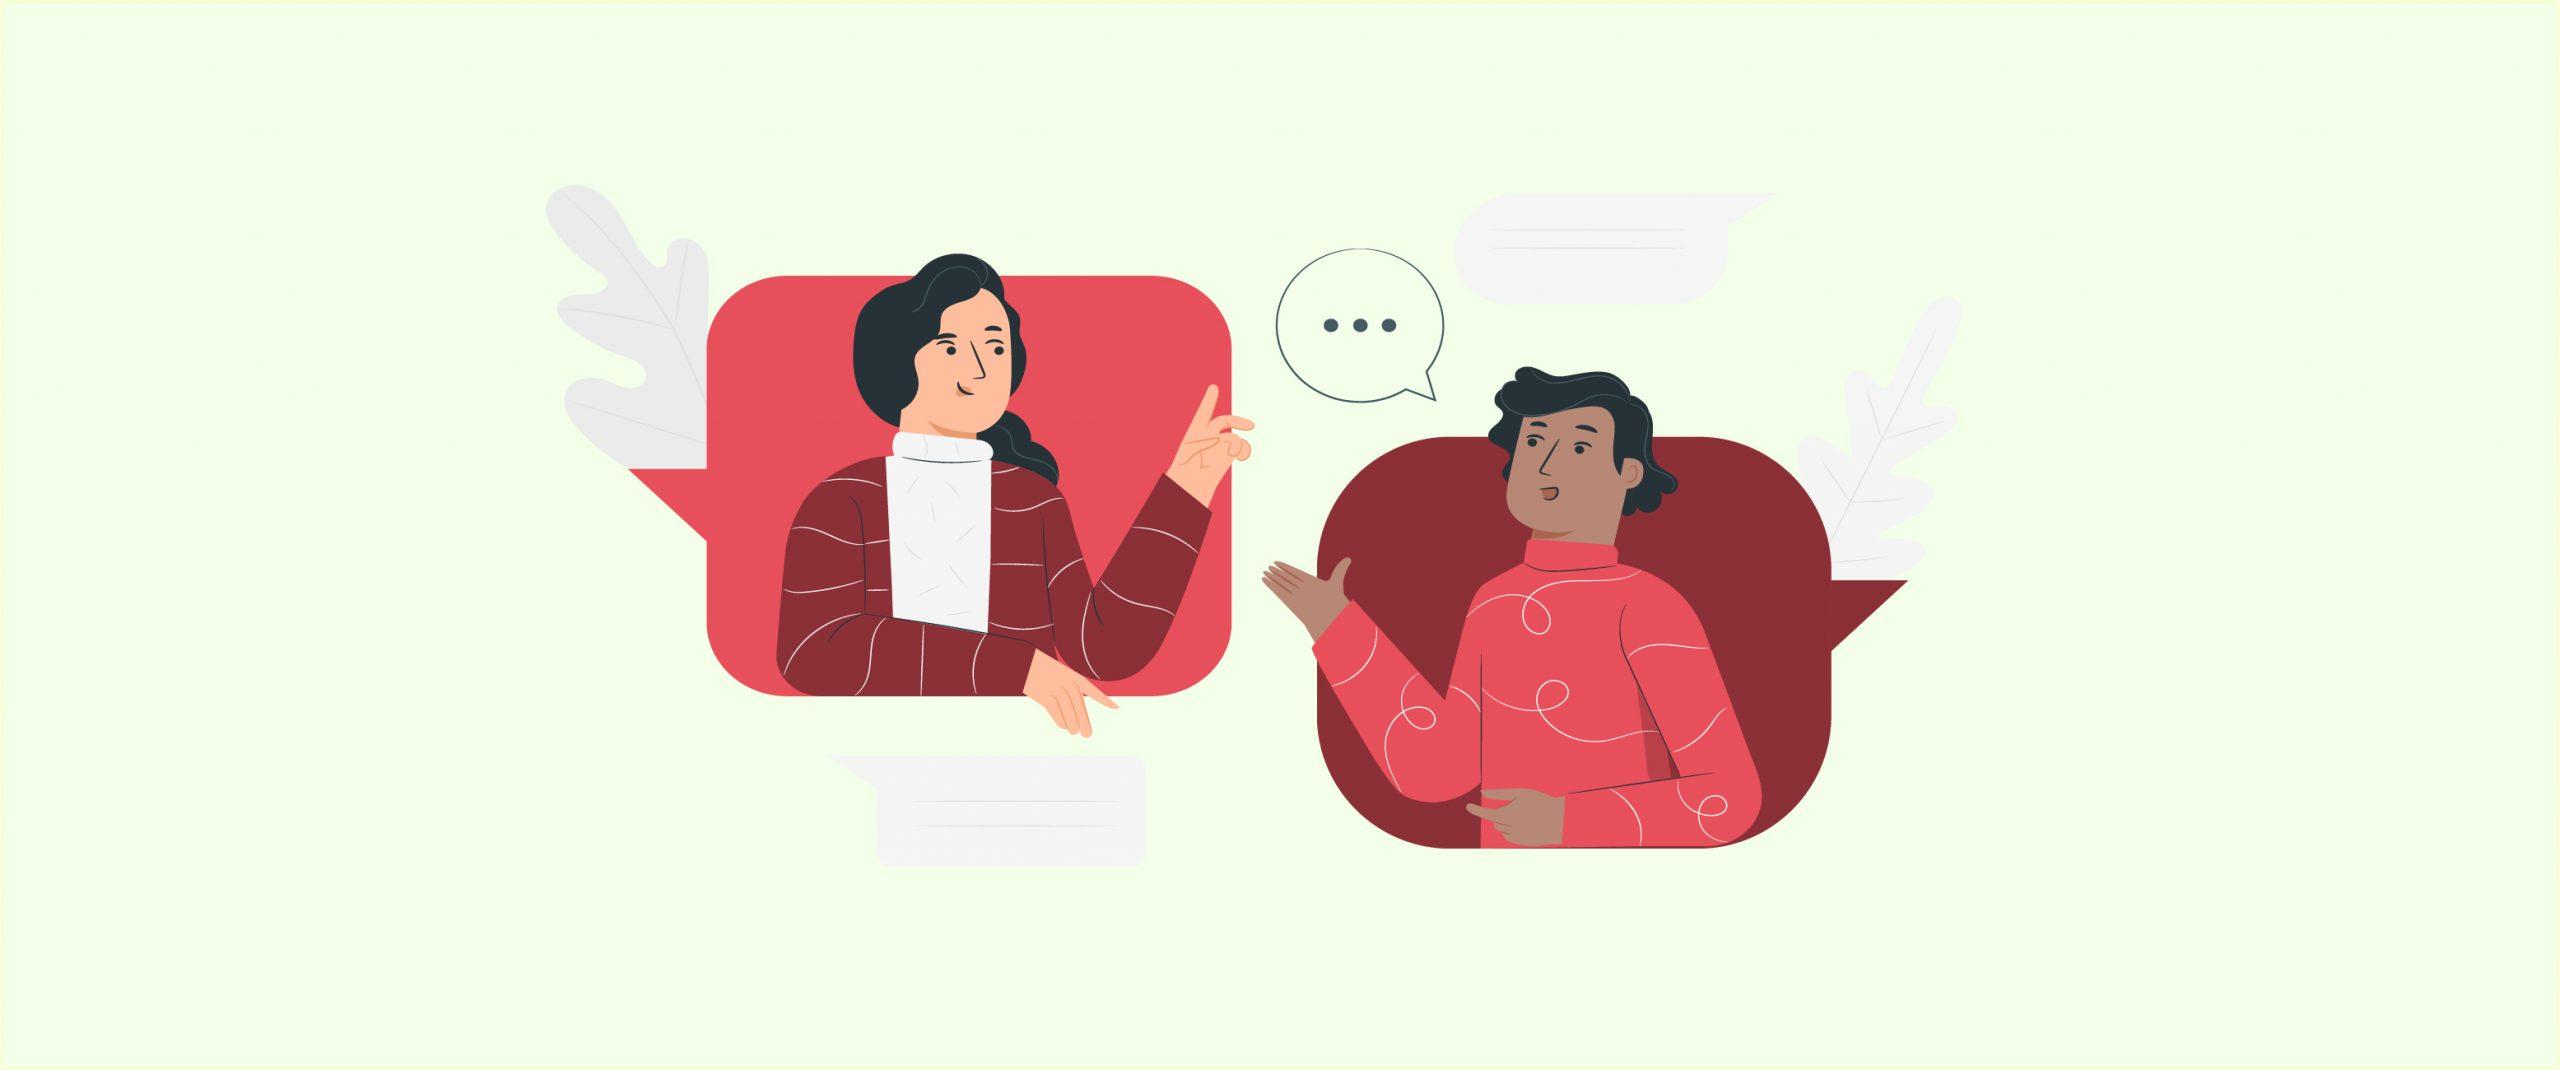 یادگیری مکالمه زبان در کوتاه ترین زمان | تیکا